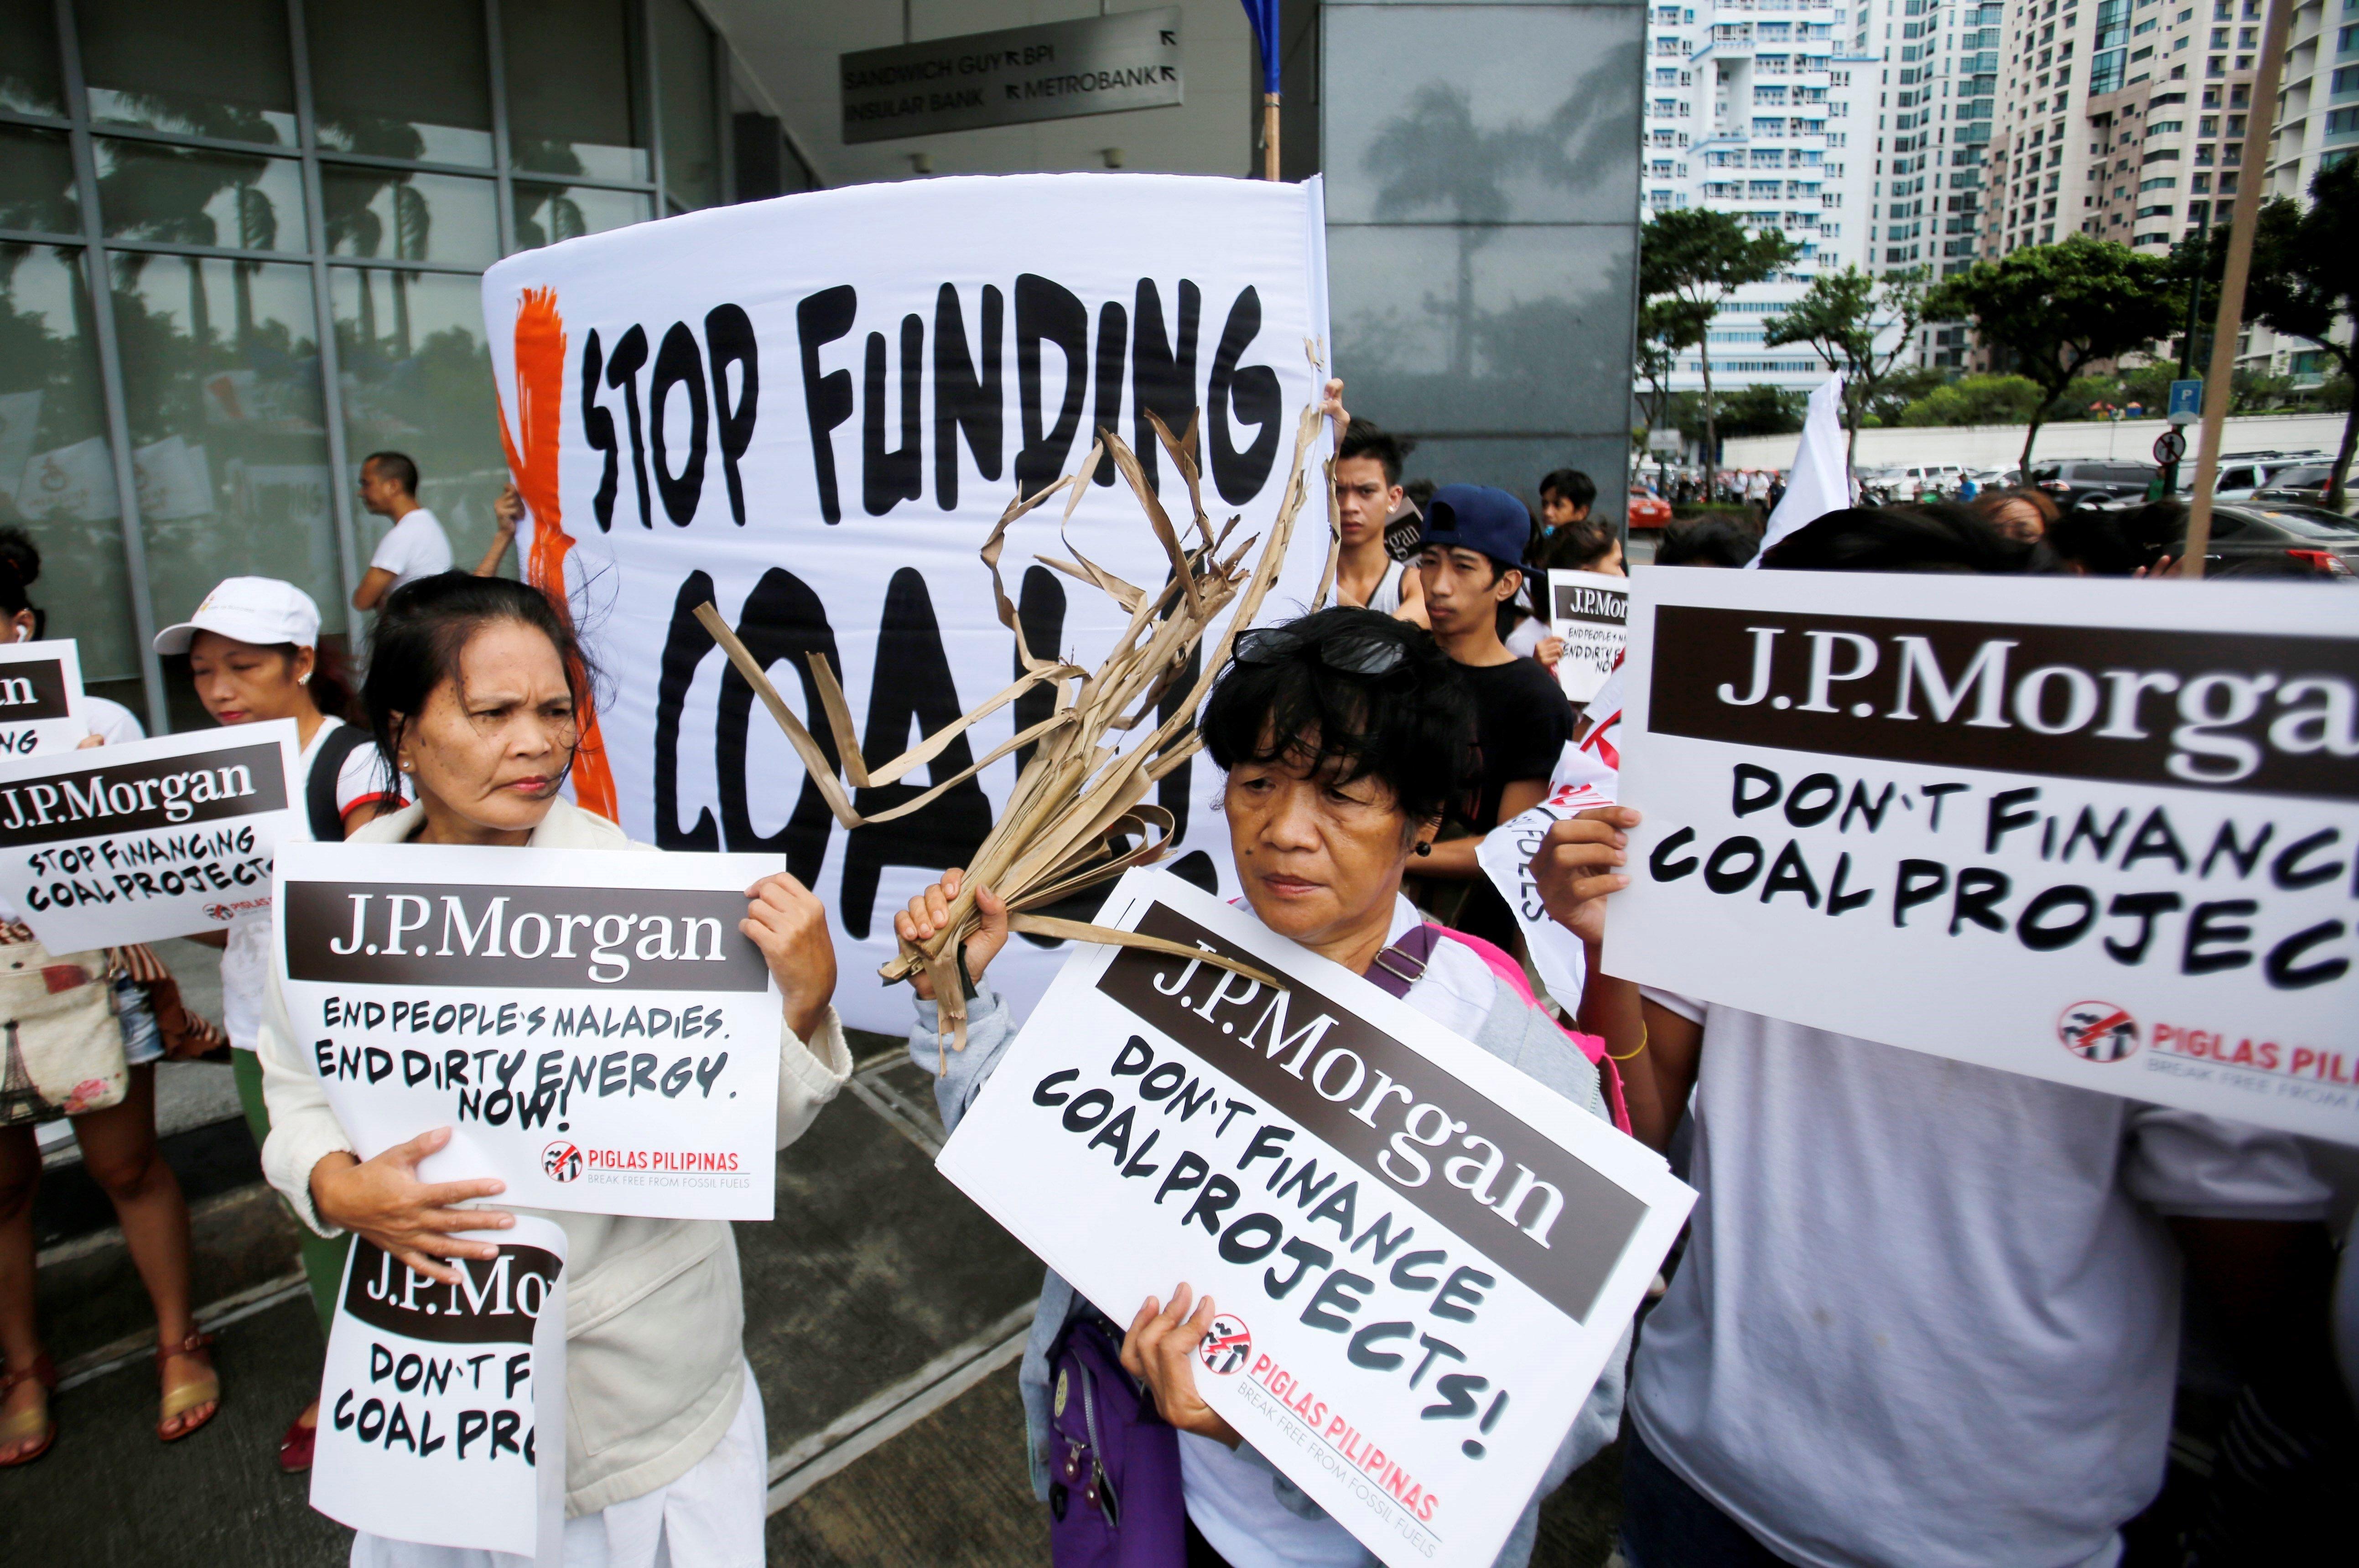 Defensors del medi ambient participen en una manifestació contra el finançament d'una planta energètica operada amb carbó per JP Morgan, en Taguig, Filipines. /FRANCIS R. MALASIG